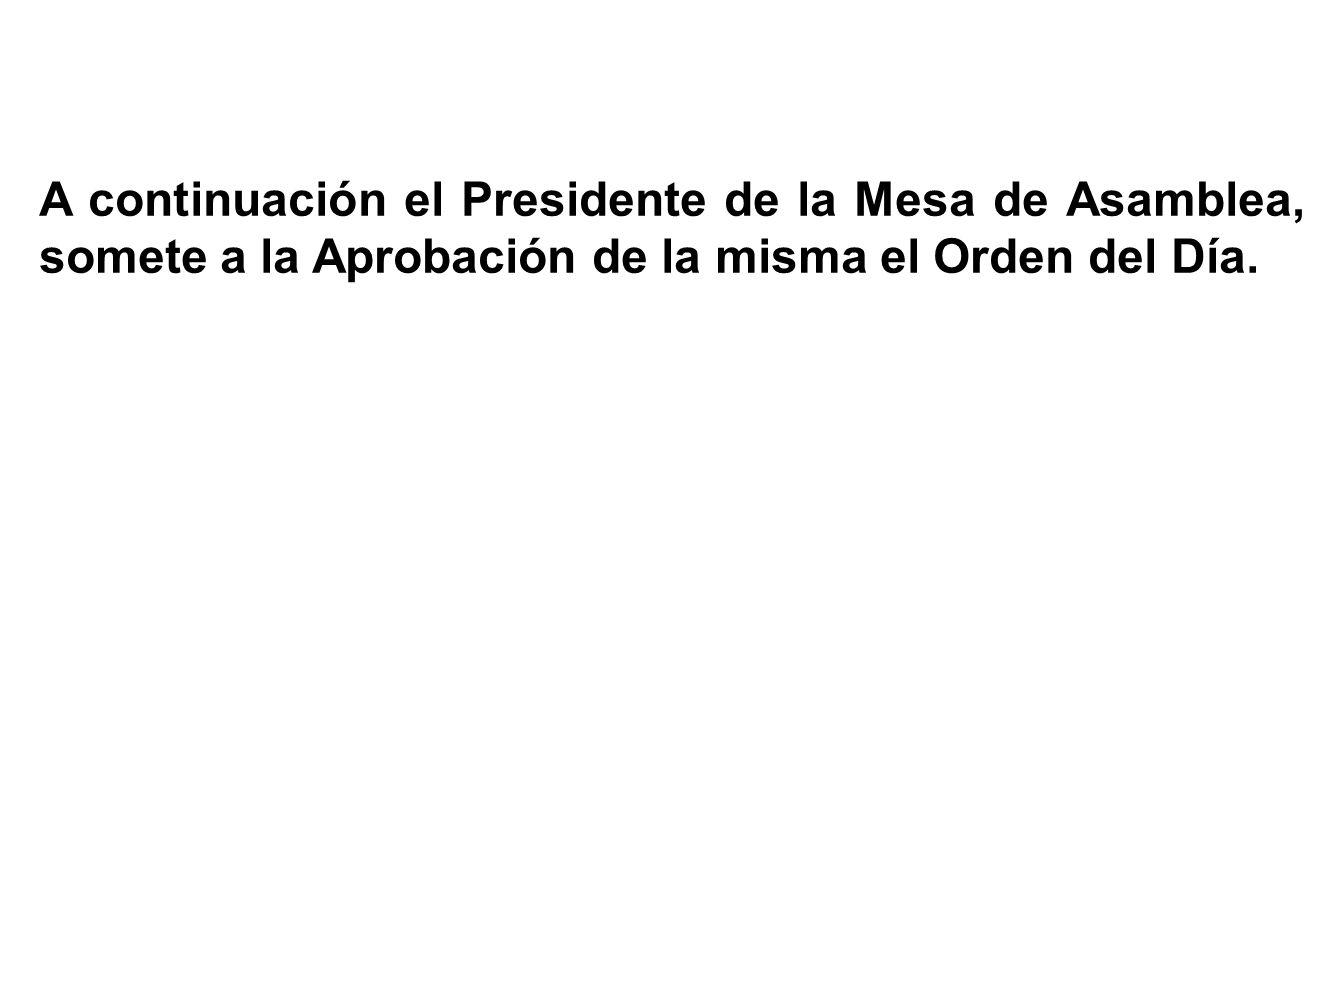 A continuación el Presidente de la Mesa de Asamblea da lectura al Orden del Día, que se compone de los siguientes puntos: PUNTO PRIMERO: Lectura y apr